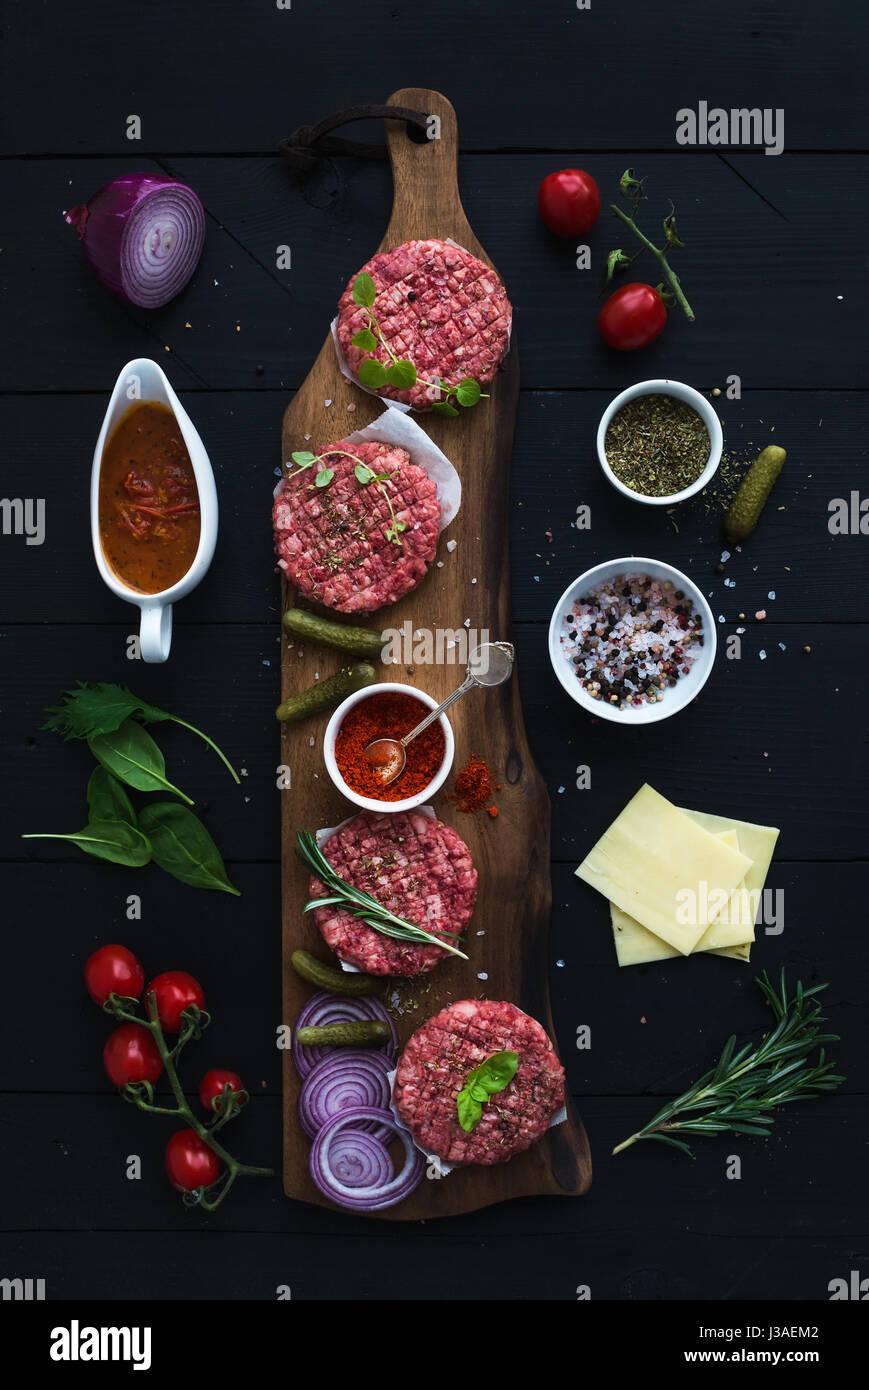 Ingrédients pour la cuisson des hamburgers. La viande de boeuf haché cru sur planche en bois escalopes, Photo Stock